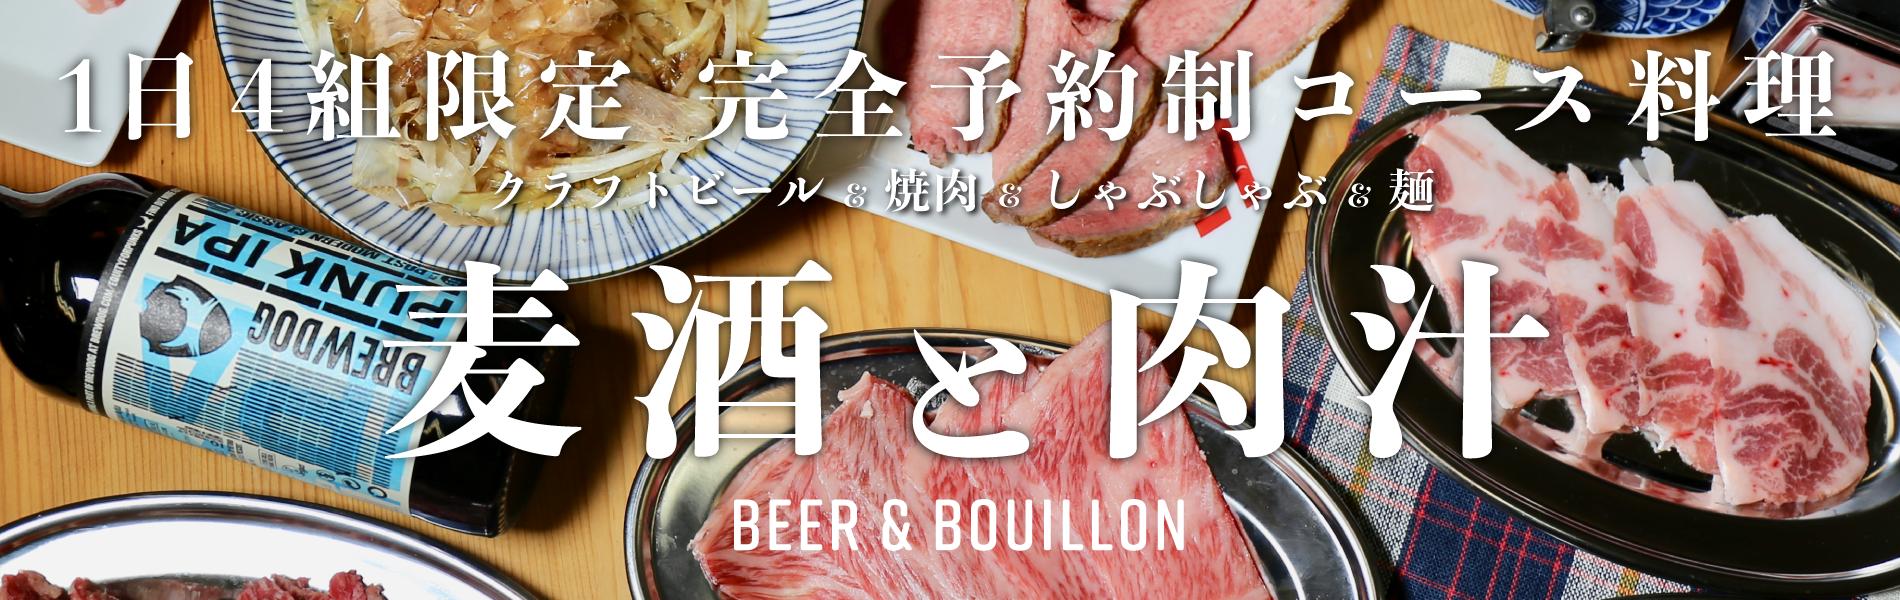 麦酒と肉汁オープン!